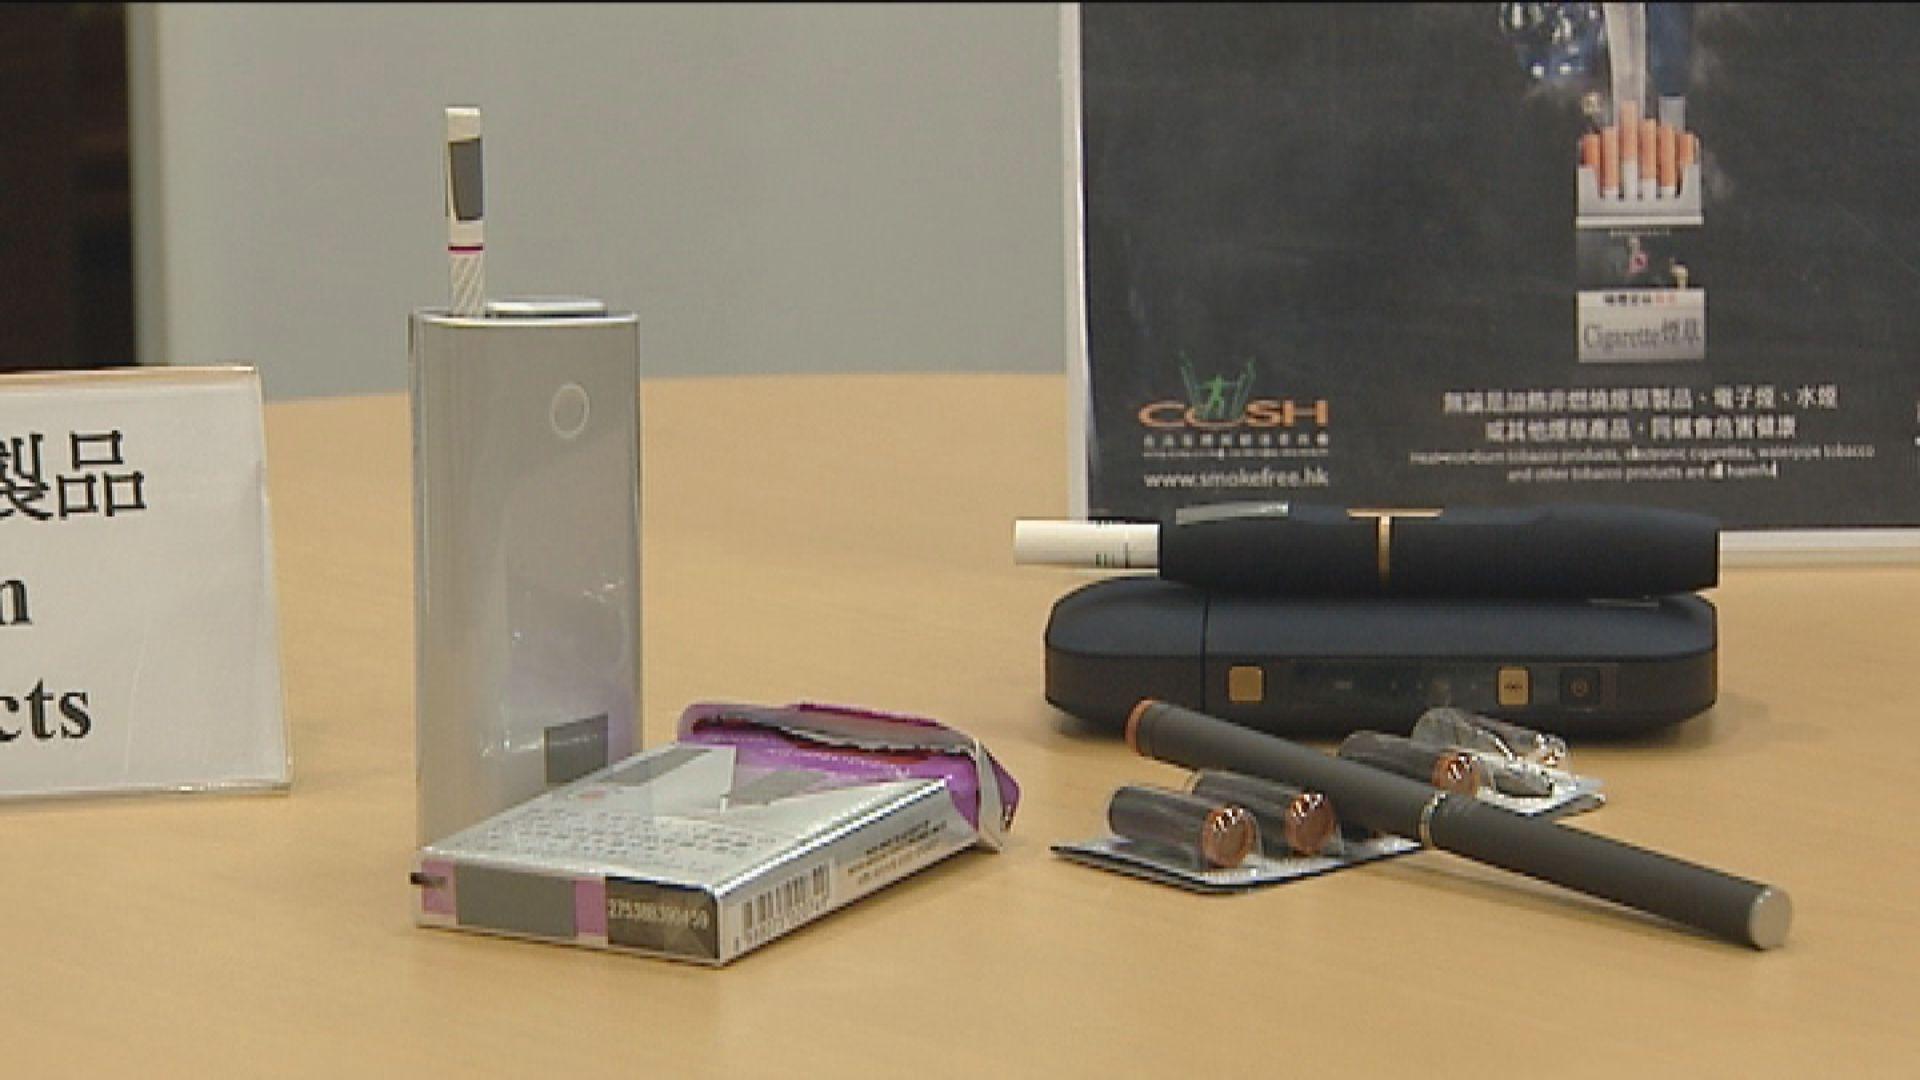 陳肇始:電子煙政策修例目的減少新煙民